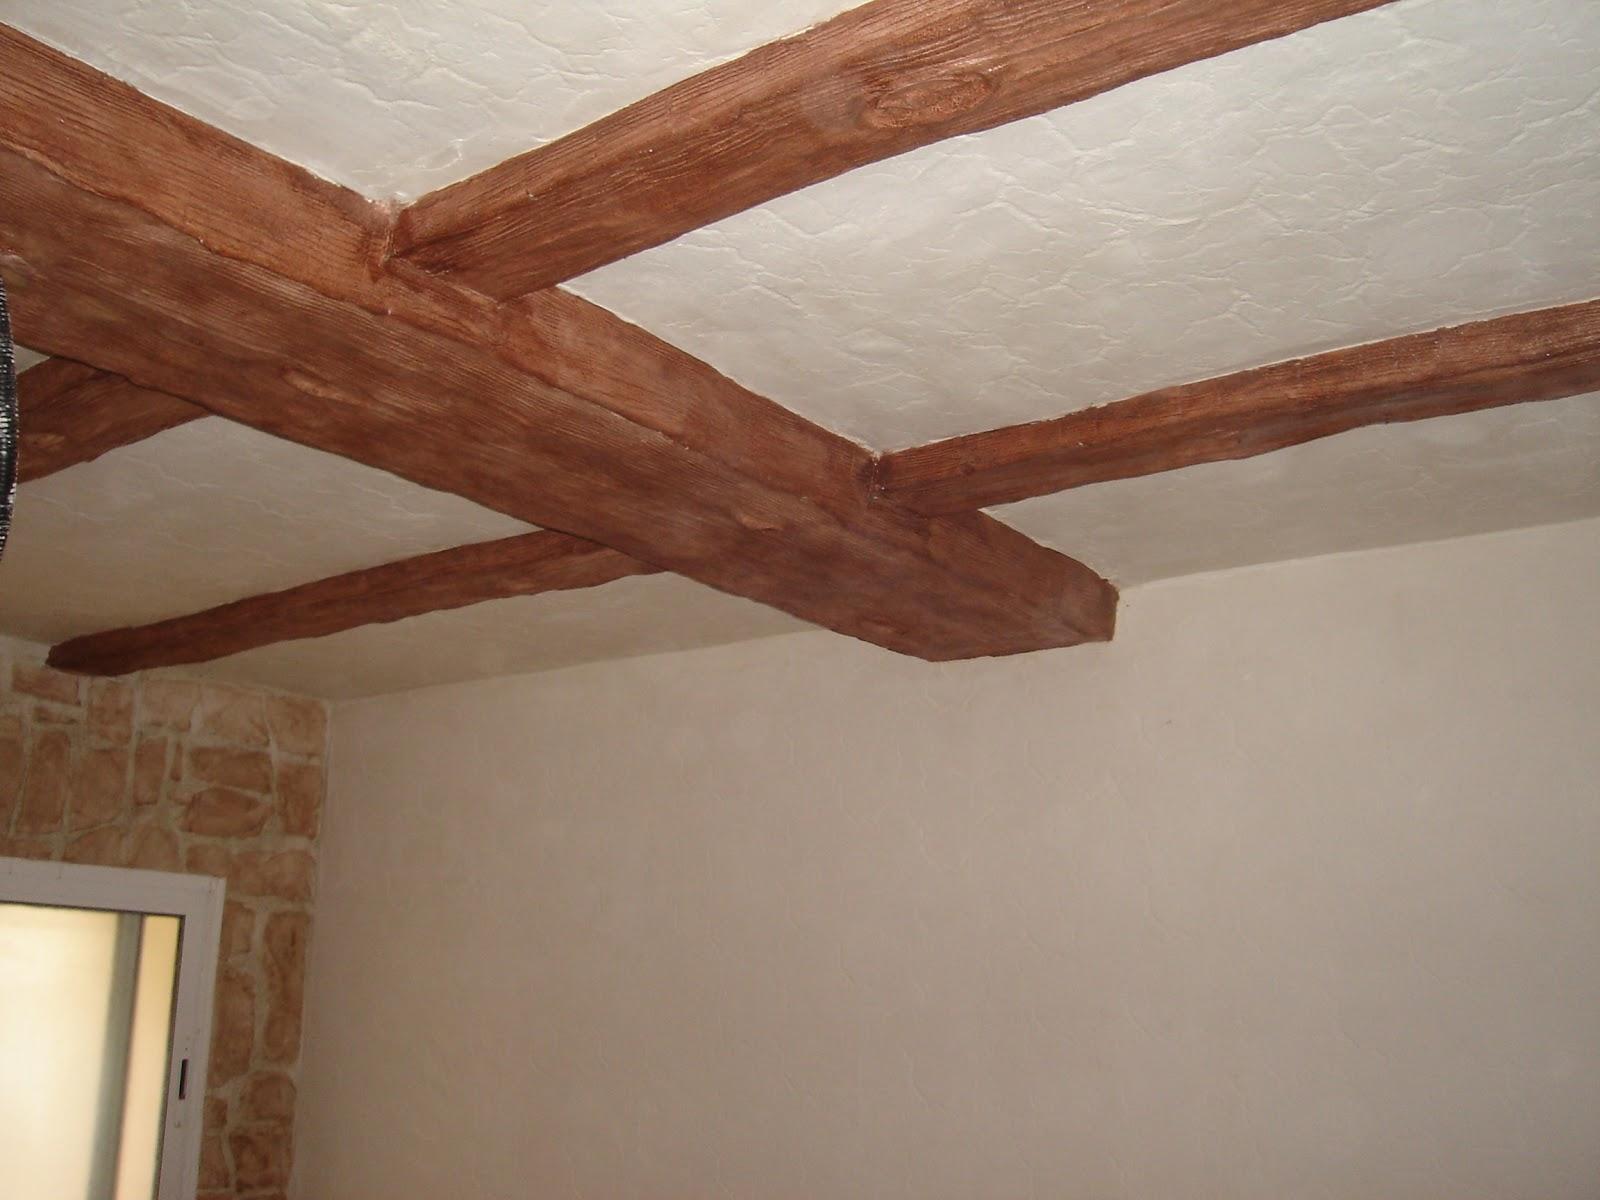 Piedras y maderas artificiales javier lude a tlf - Vigas redondas de madera ...